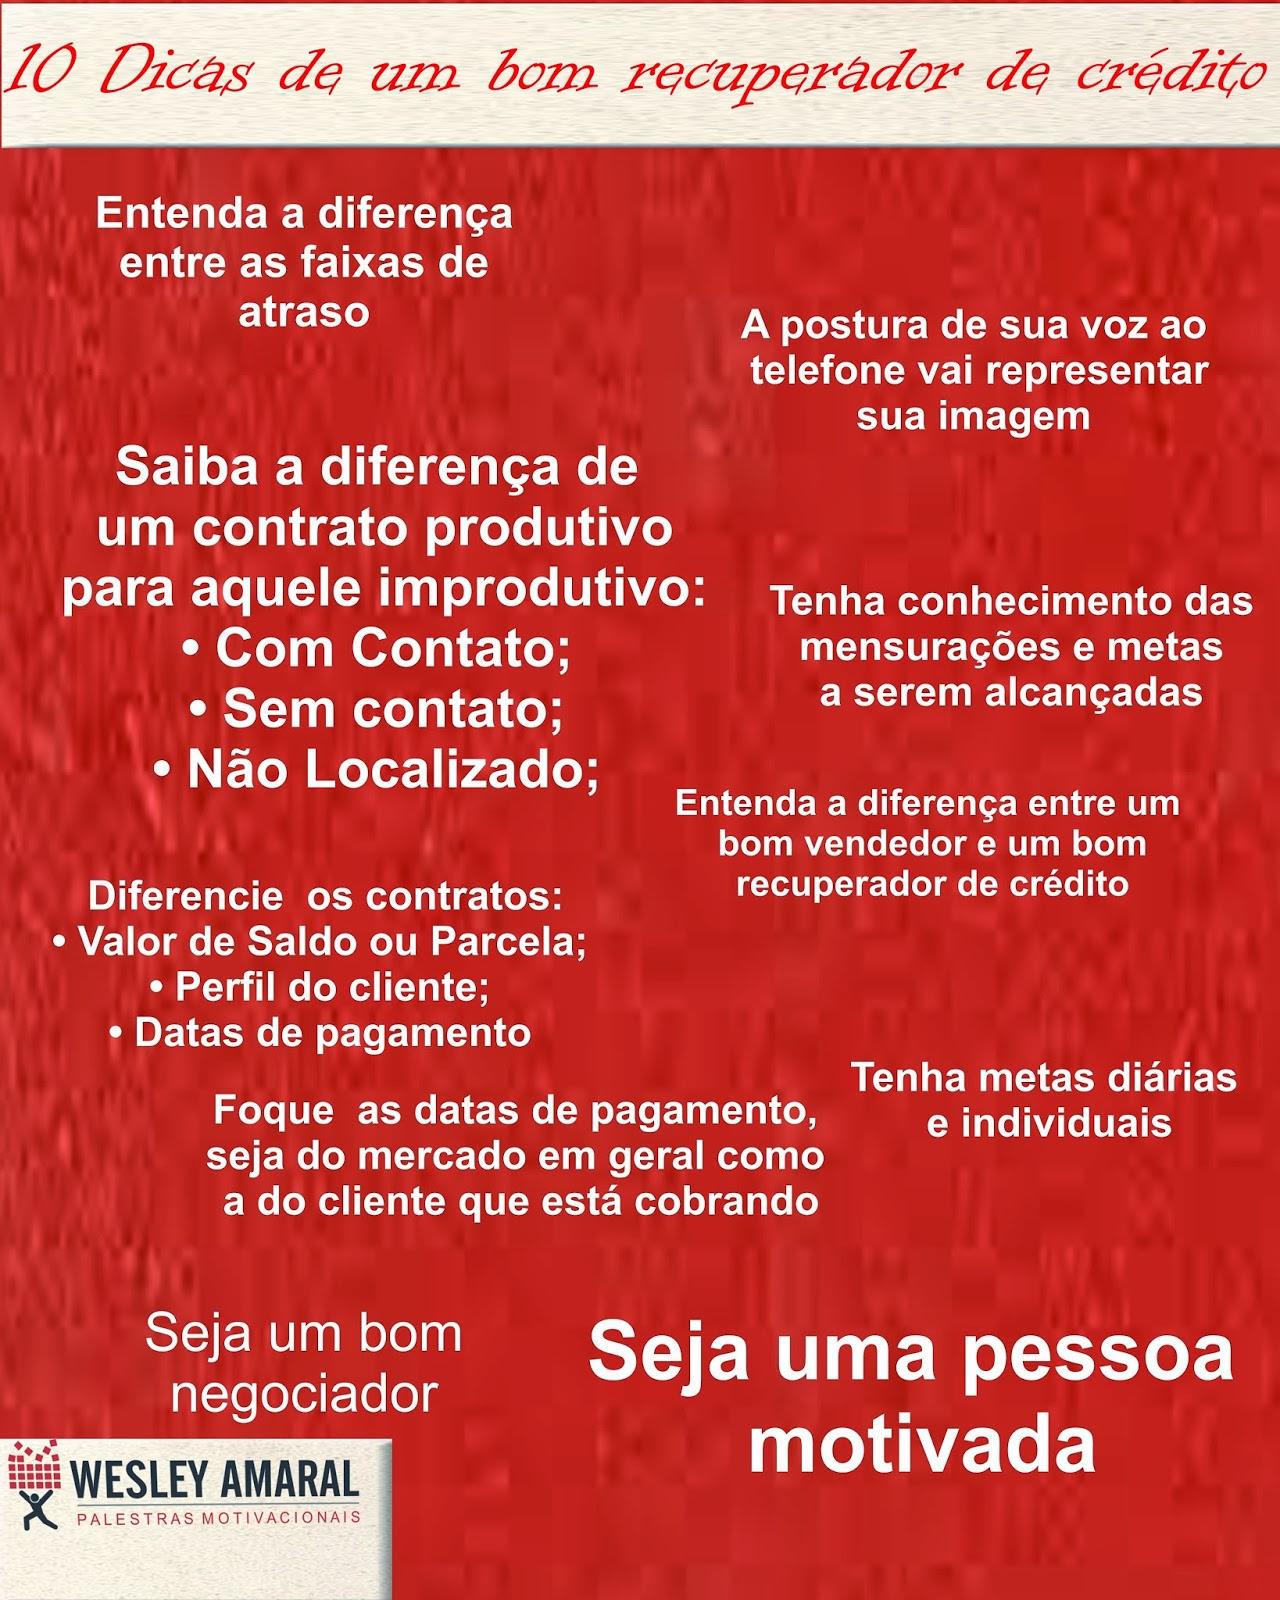 Wesley Amaral Martins Treinamentos De Cobrança E Palestras